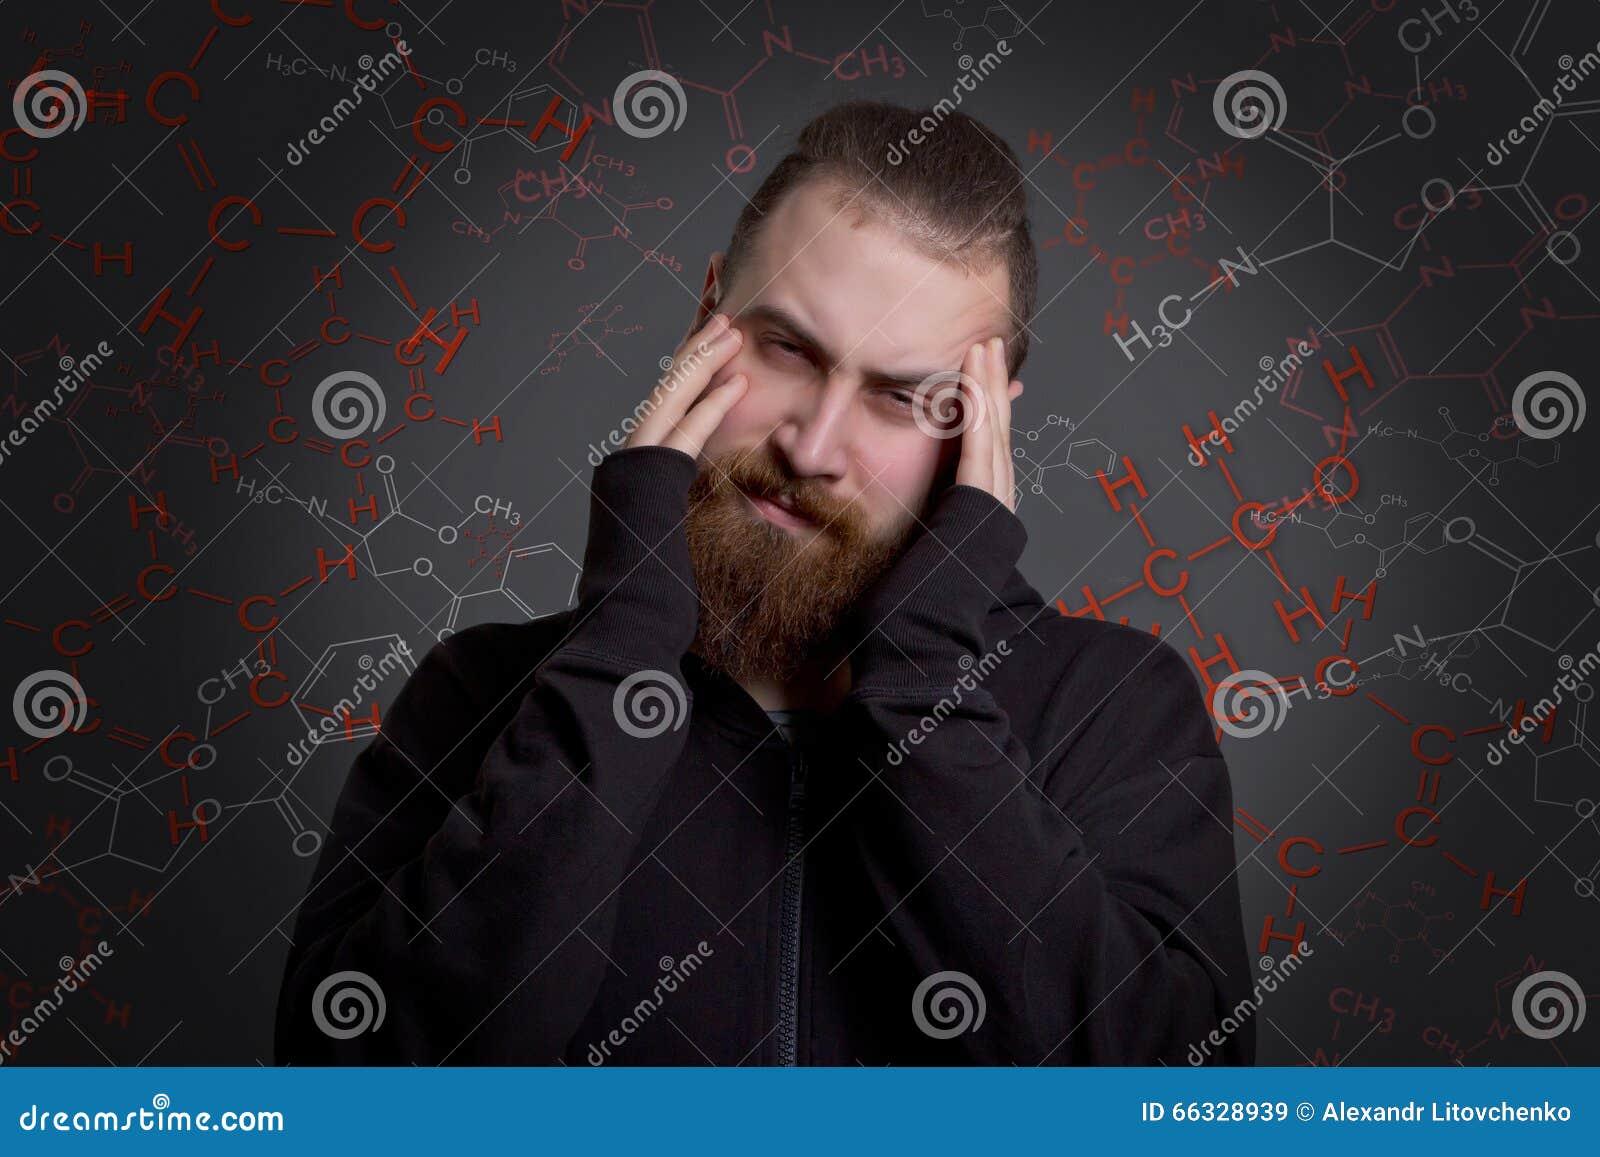 Mann mit einem Bart leidet unter Drogensucht